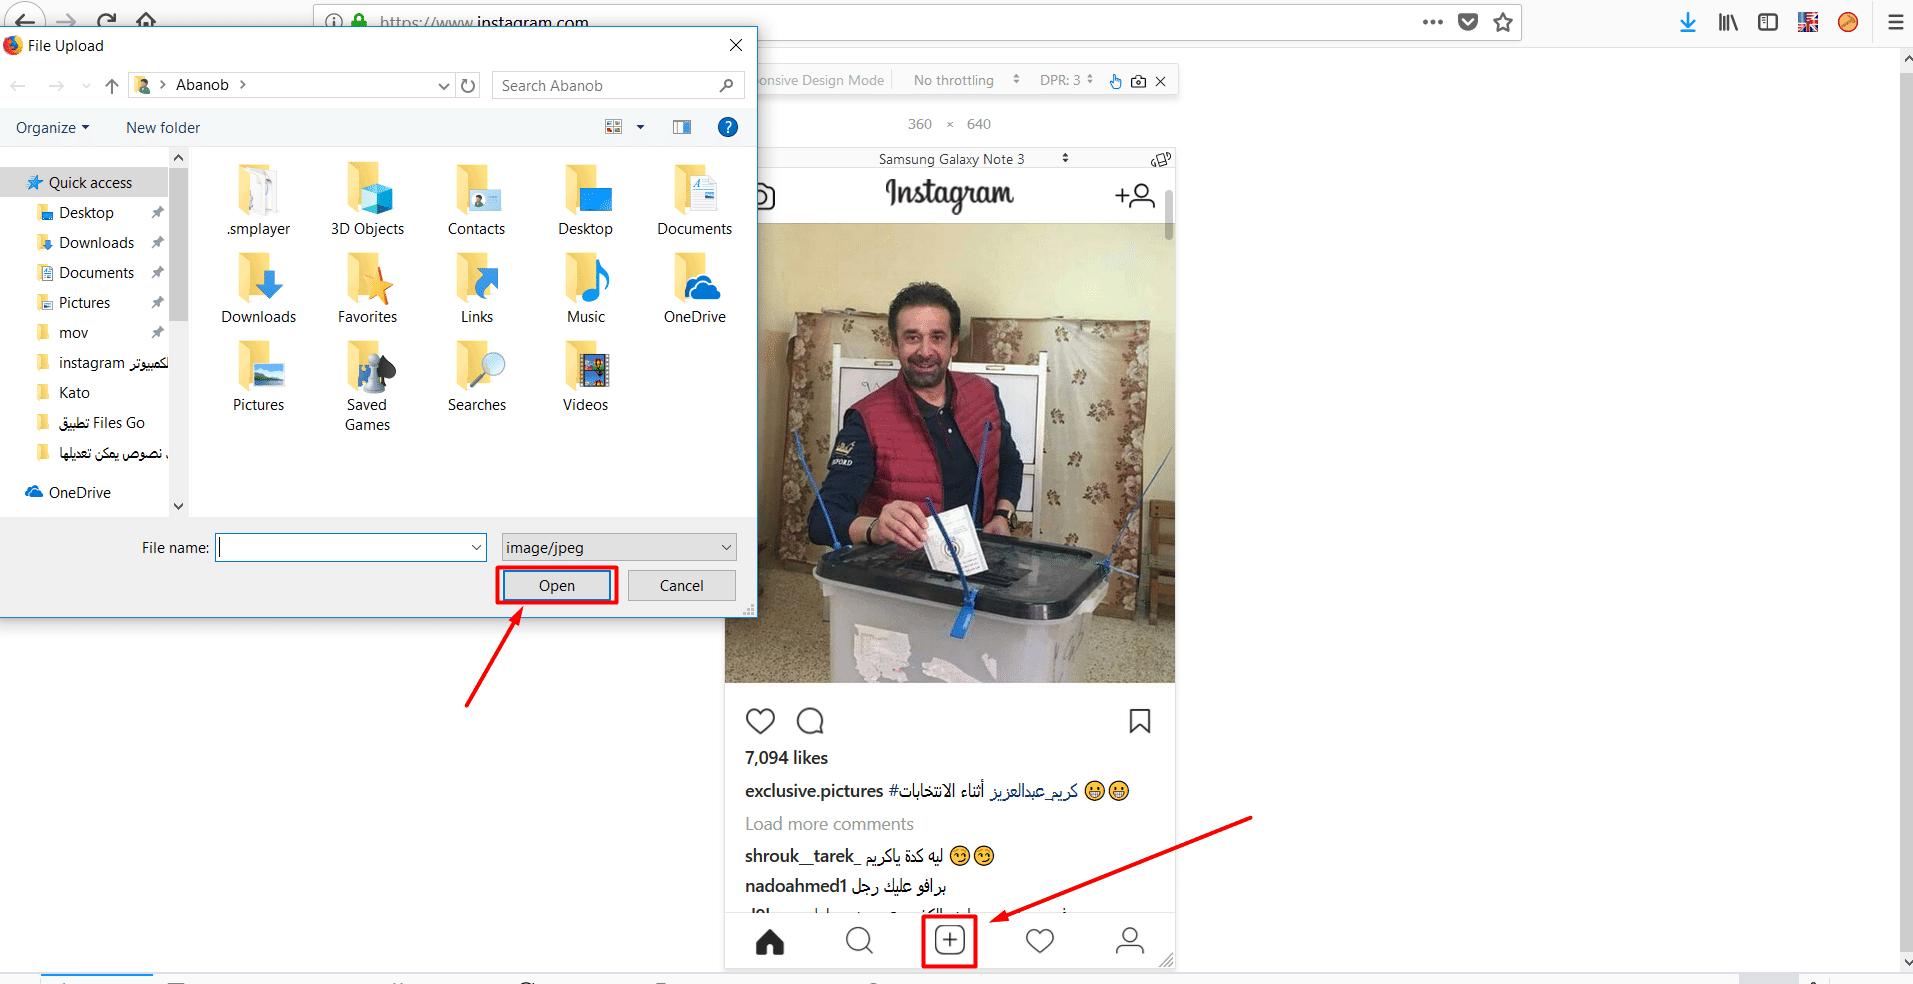 كيفية تحويل الكمبيوتر إلي هاتف لـ رفع الصور Instagram علي انستقرام